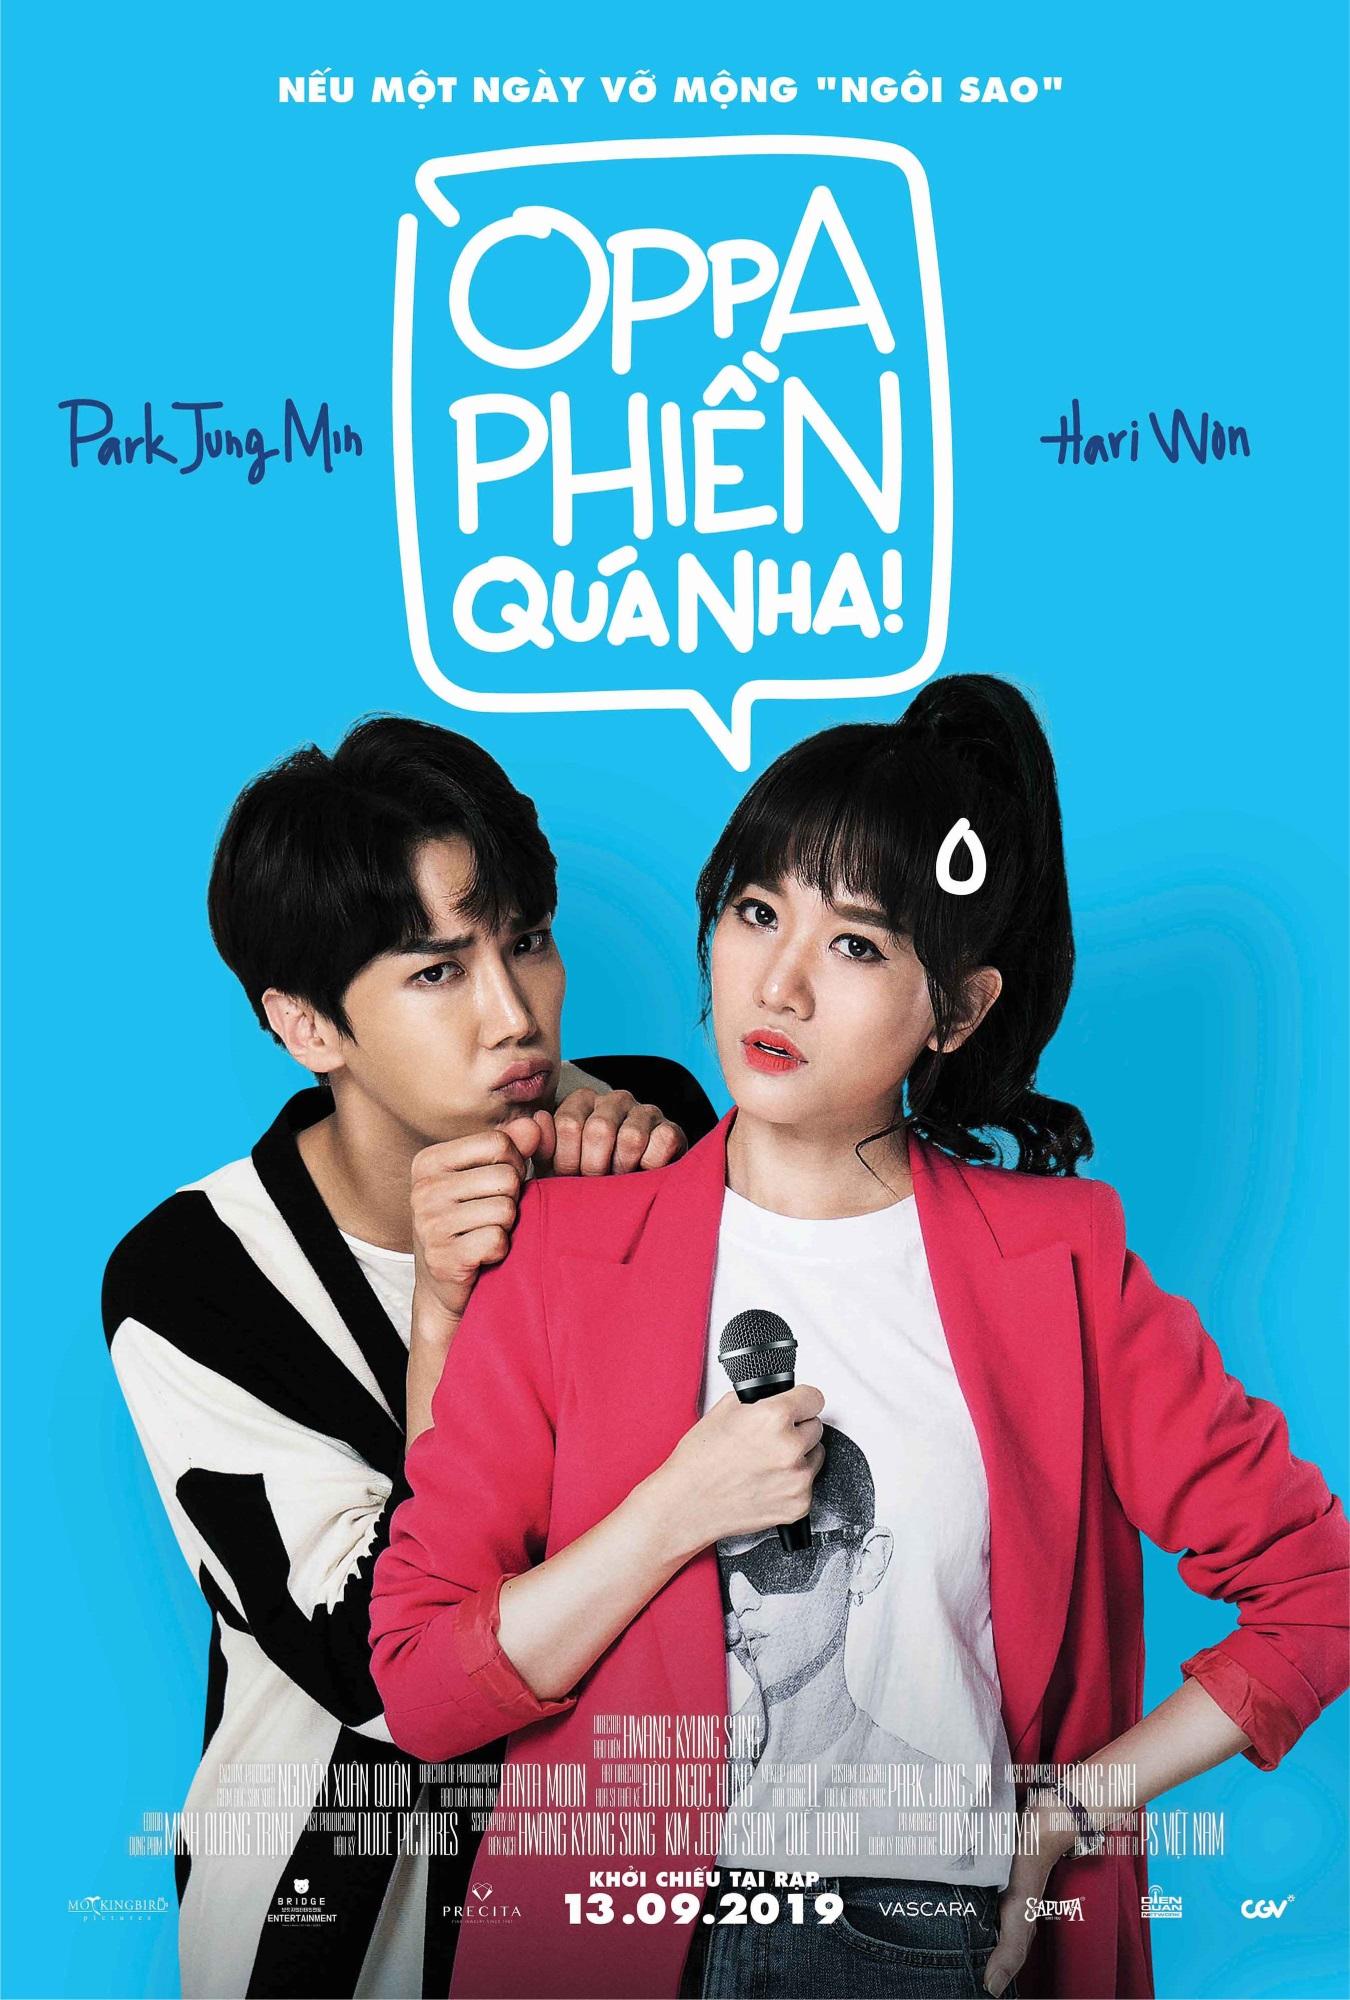 Hari Won nói gì về Trấn Thành sau khi hôn say đắm 'oppa' Park Jung Min? - Ảnh 1